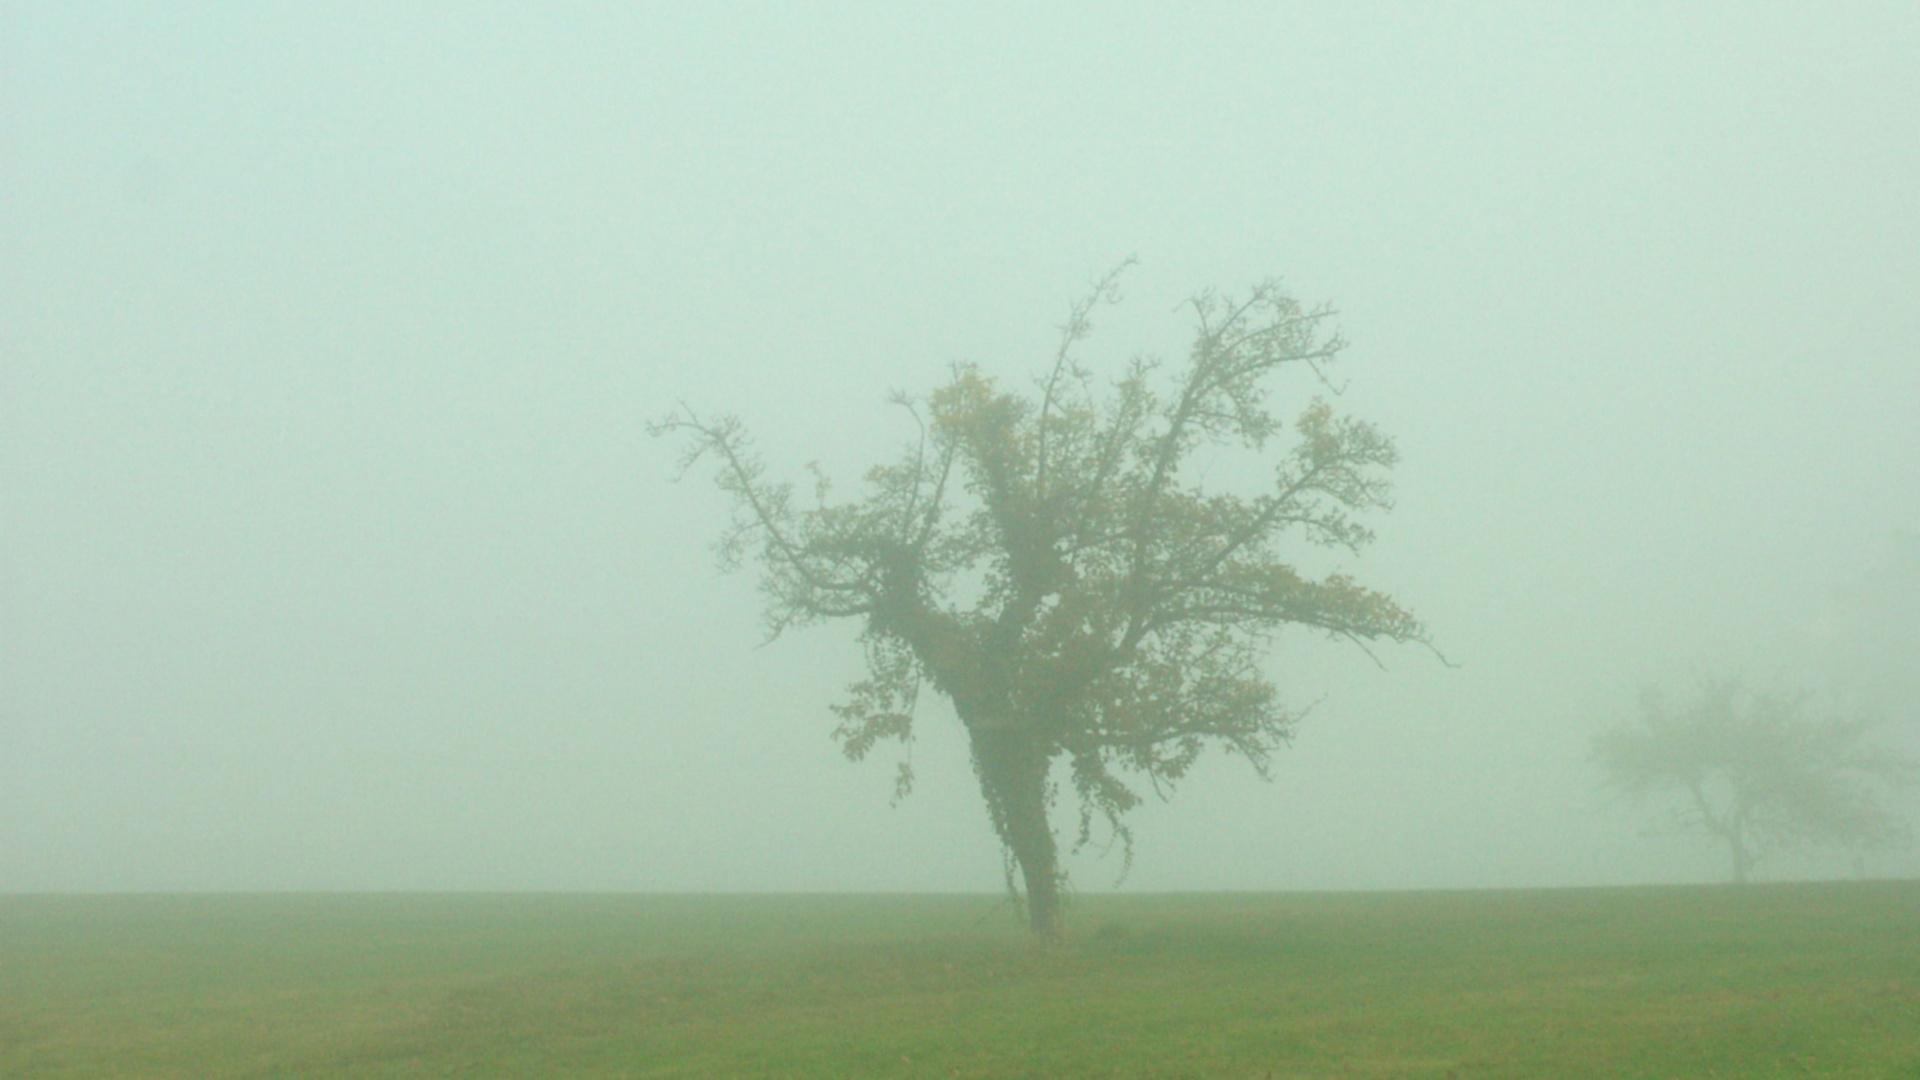 MW 2003.11.05. einsam